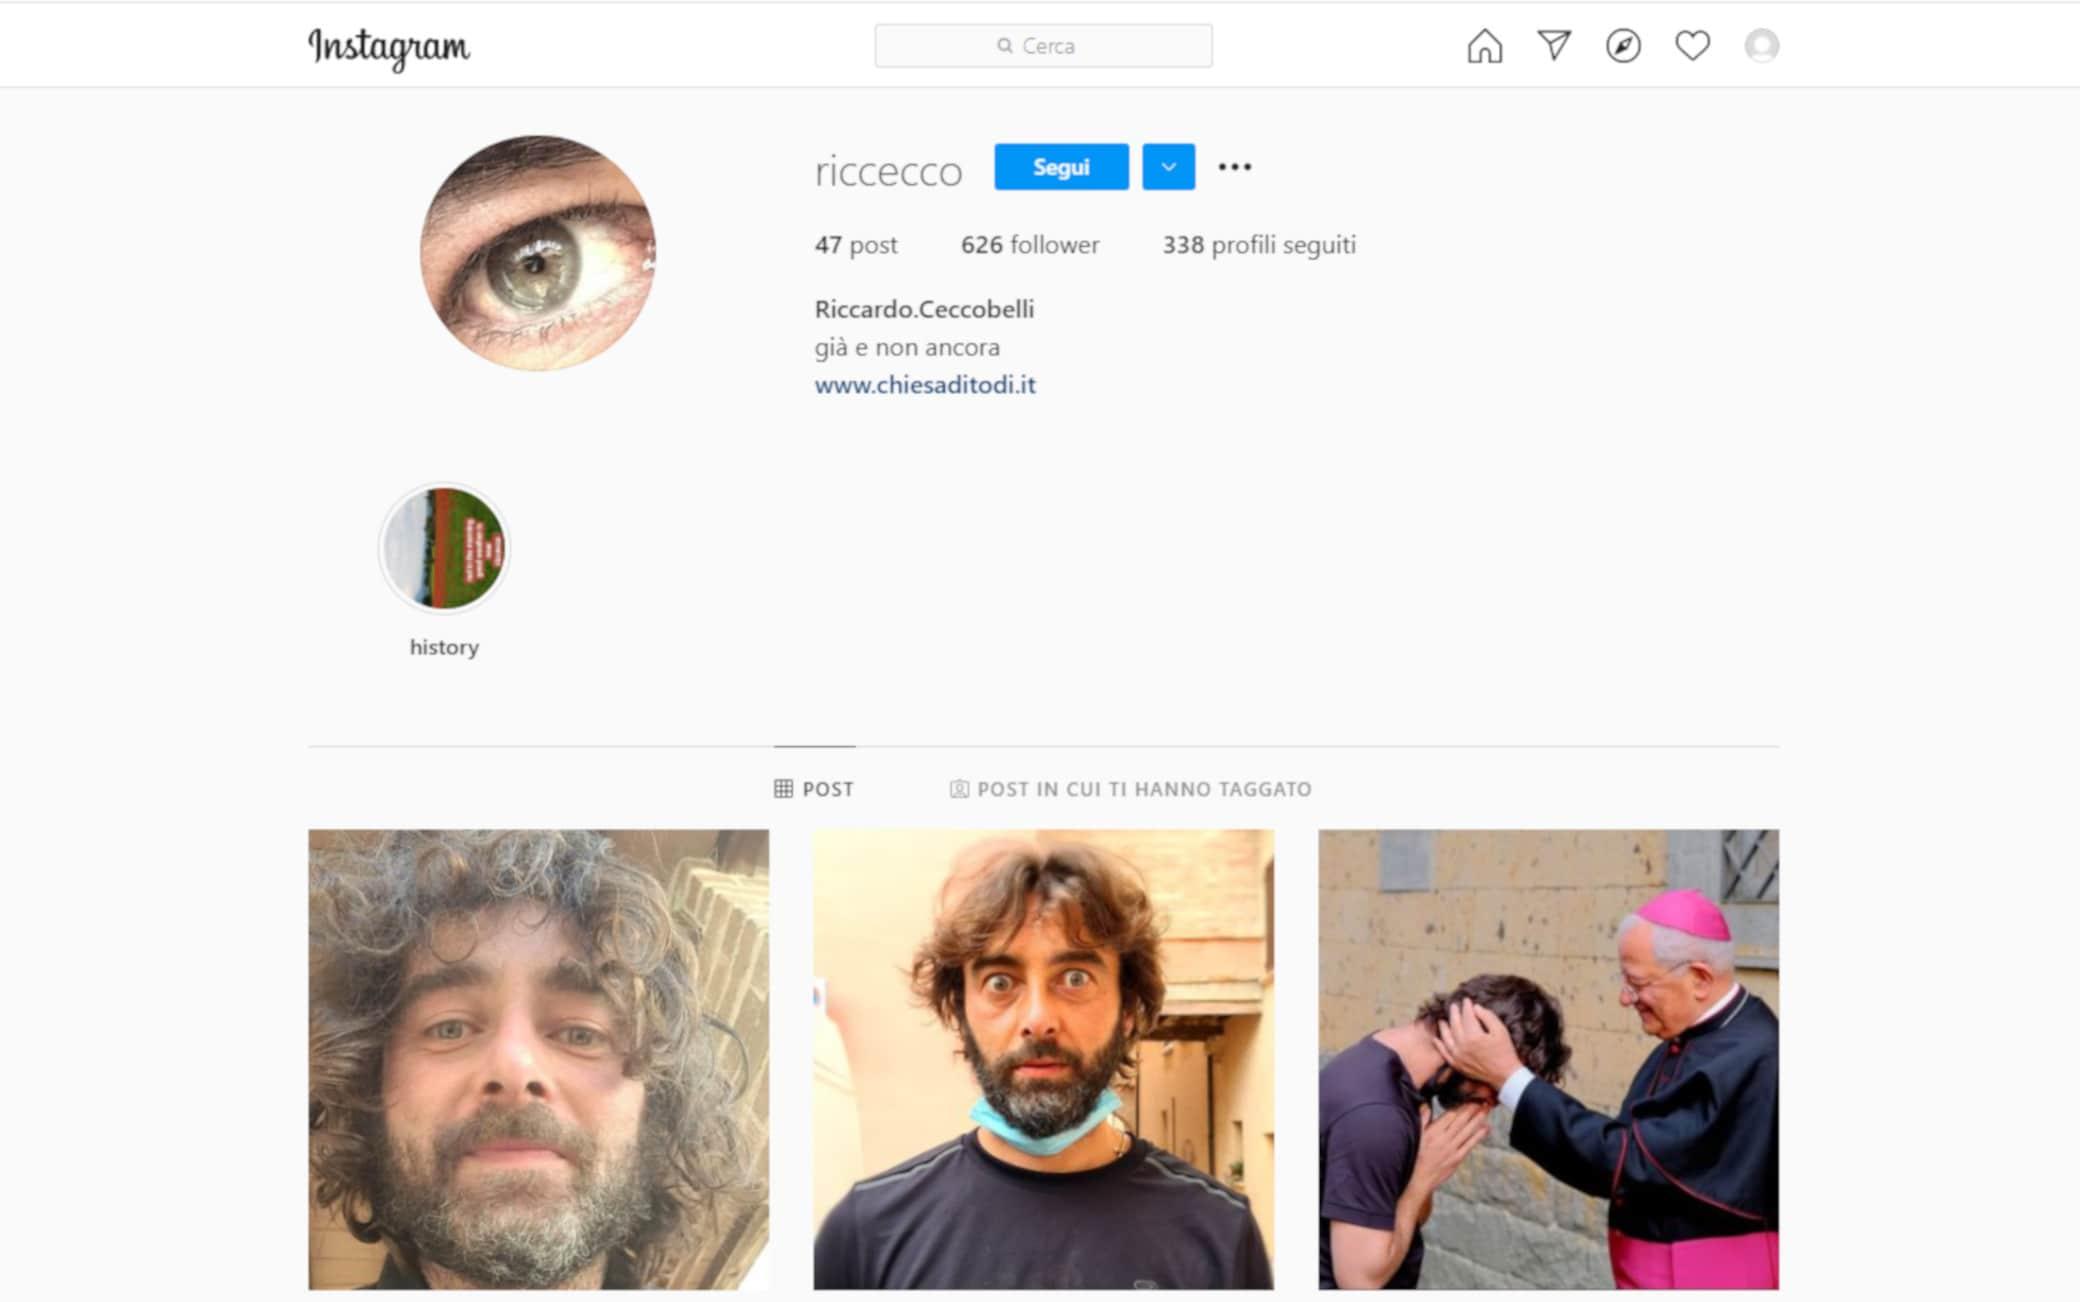 Don Riccardo Ceccobelli Instagram